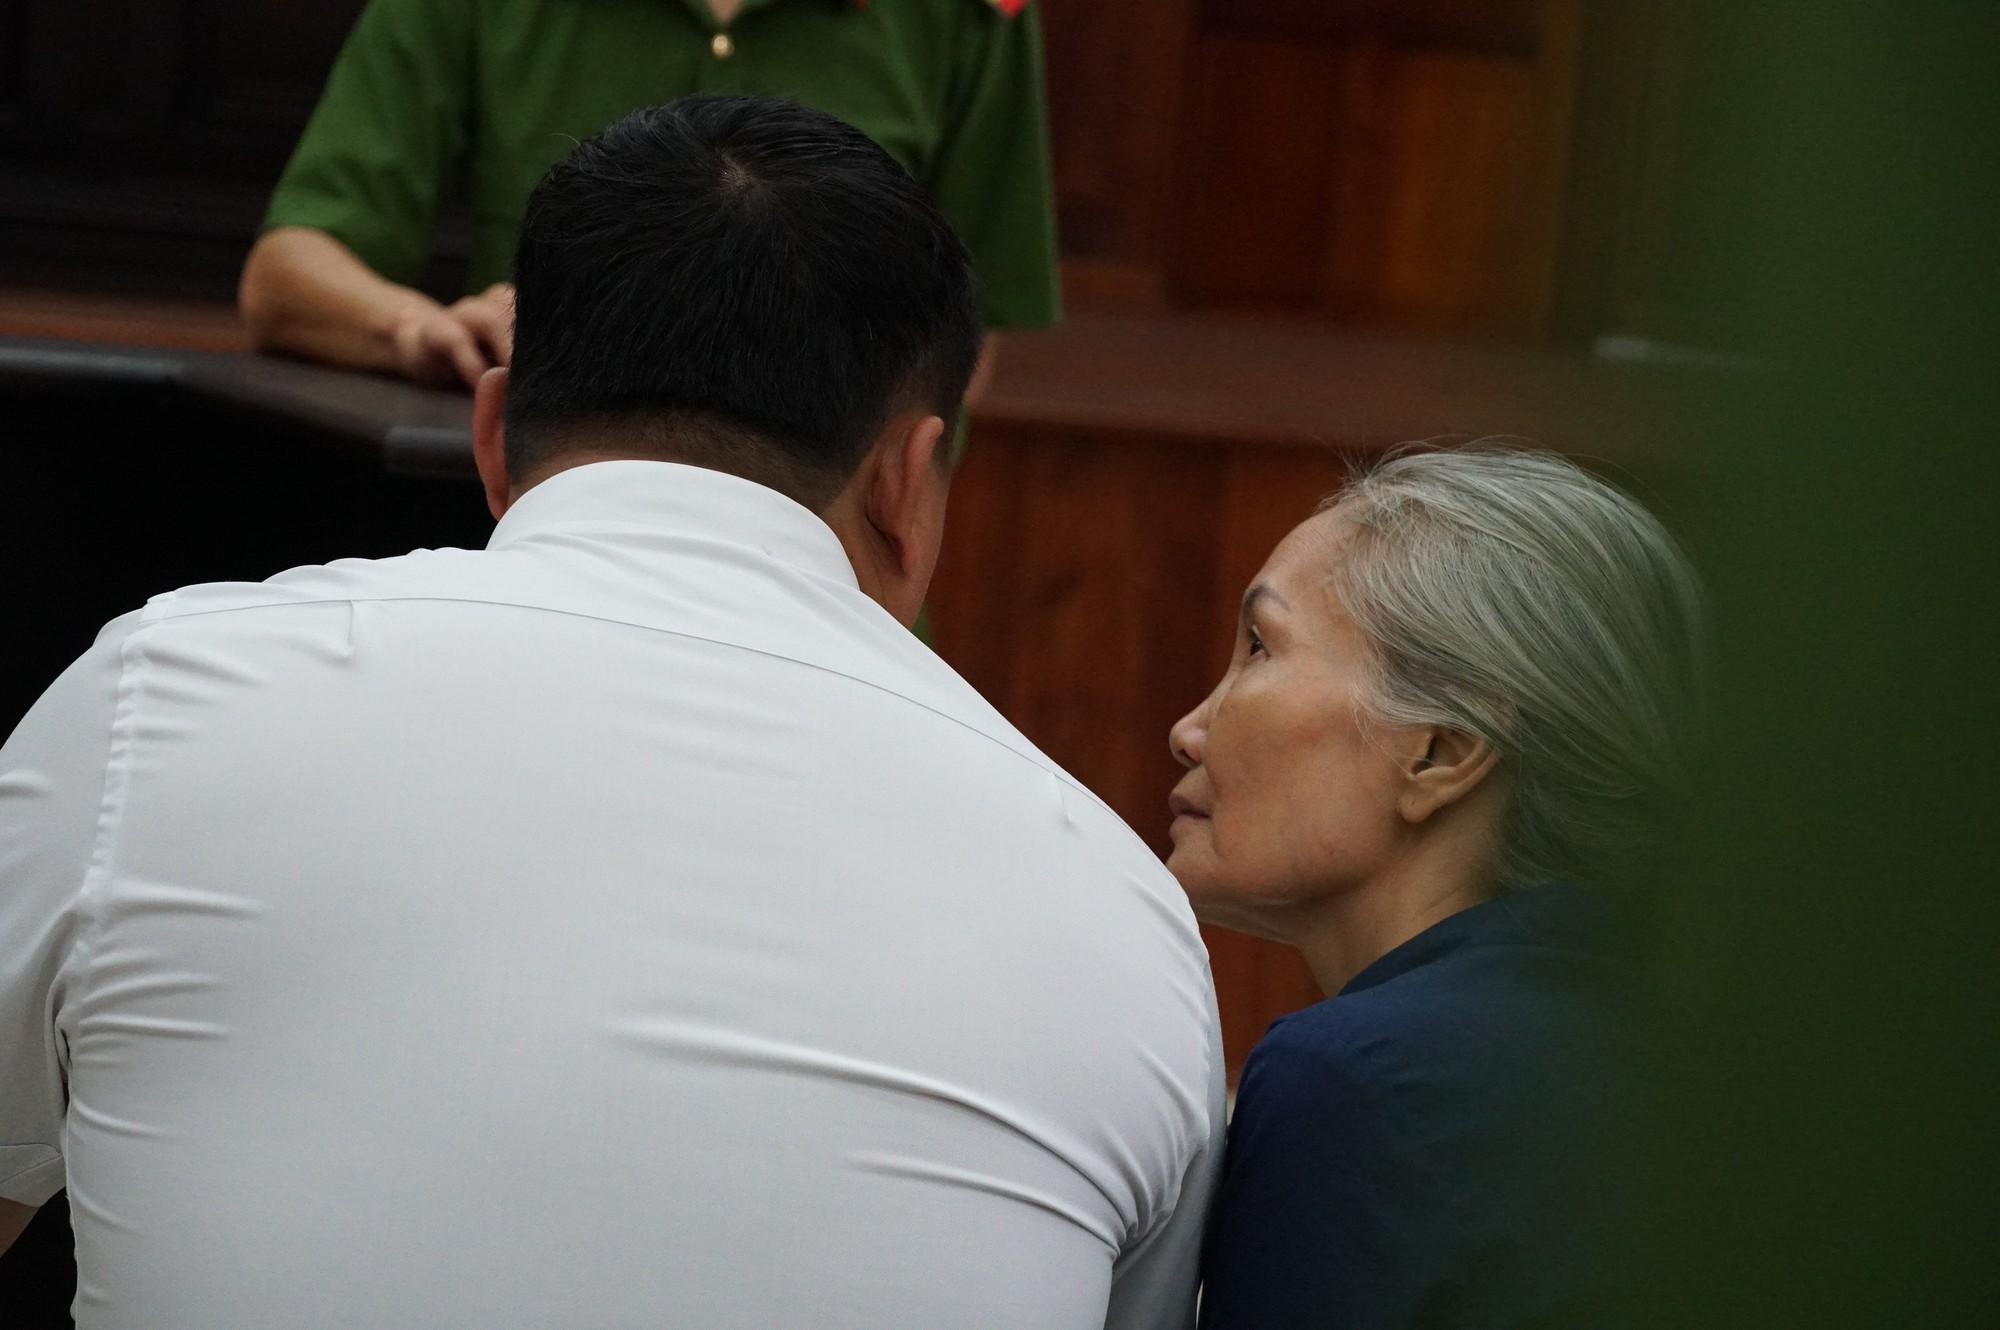 Vũ nhôm tươi cười dù kêu oan bất thành trong đại án 3.600 tỉ ở ngân hàng Đông Á - Ảnh 6.